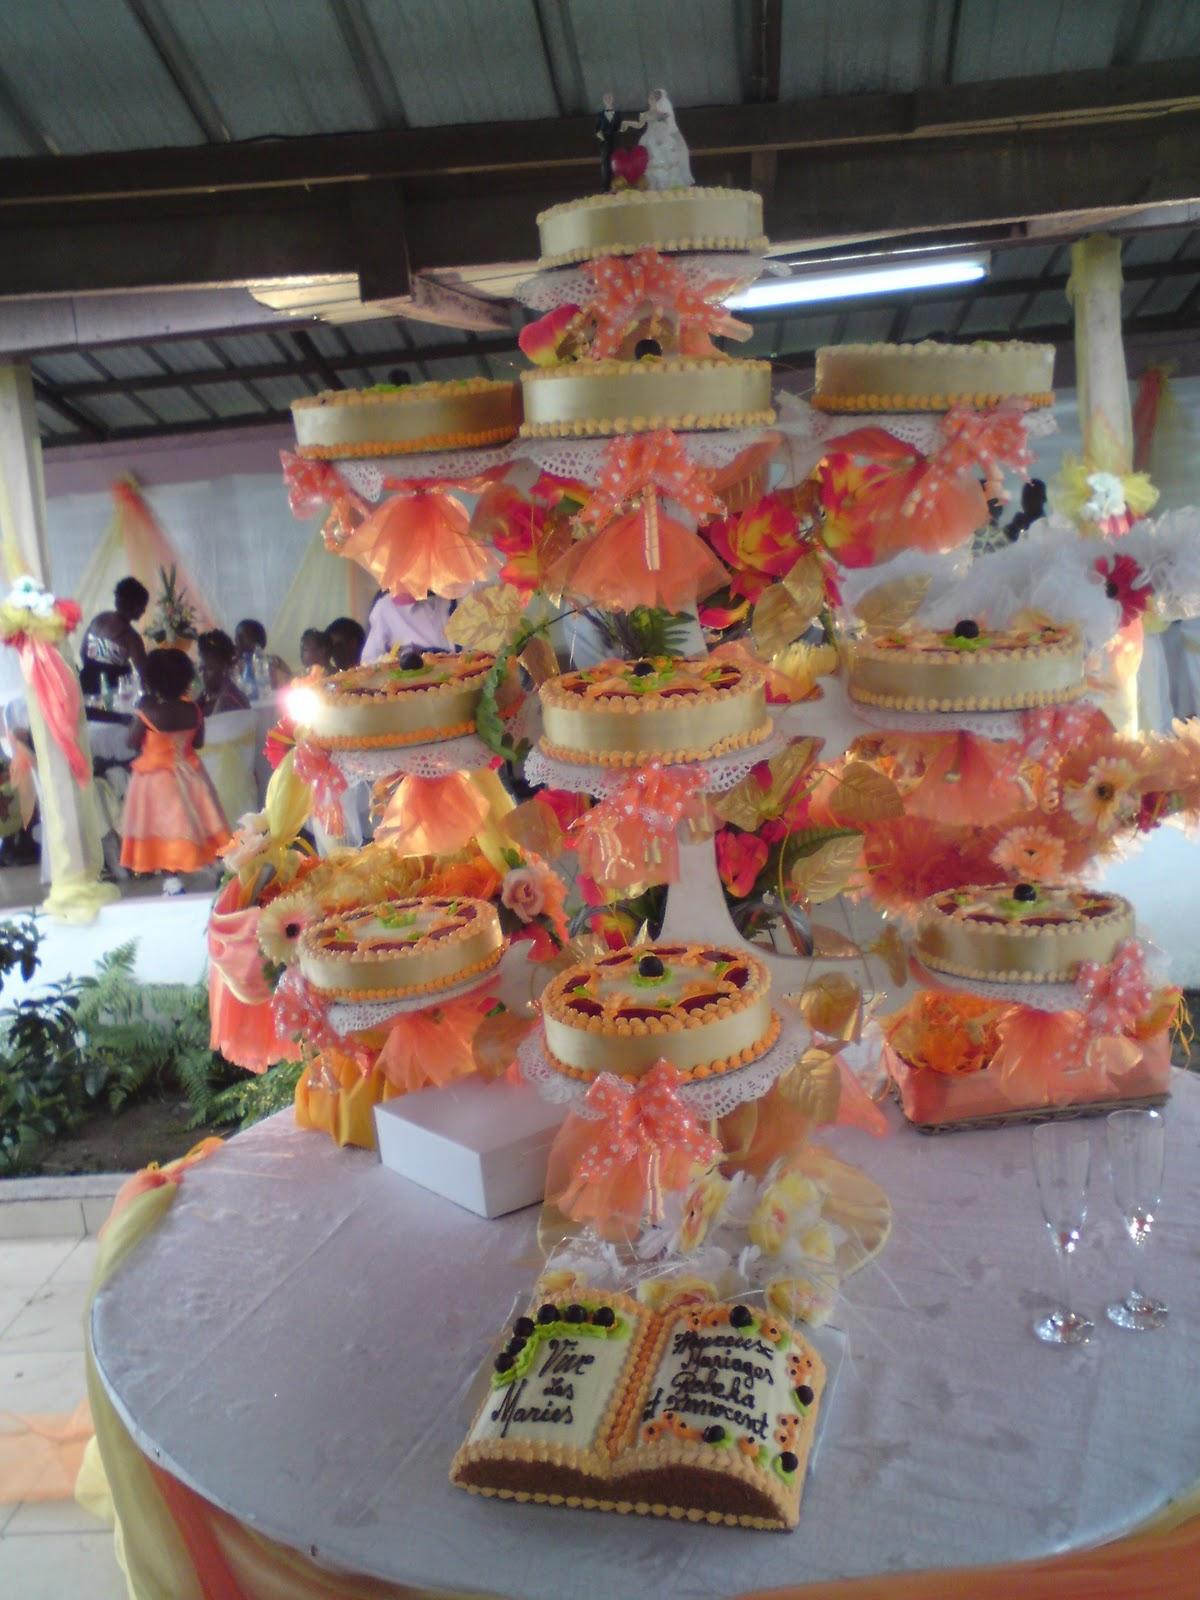 ... un présentoir de 10 gâteau plus un gâteau en forme de bible